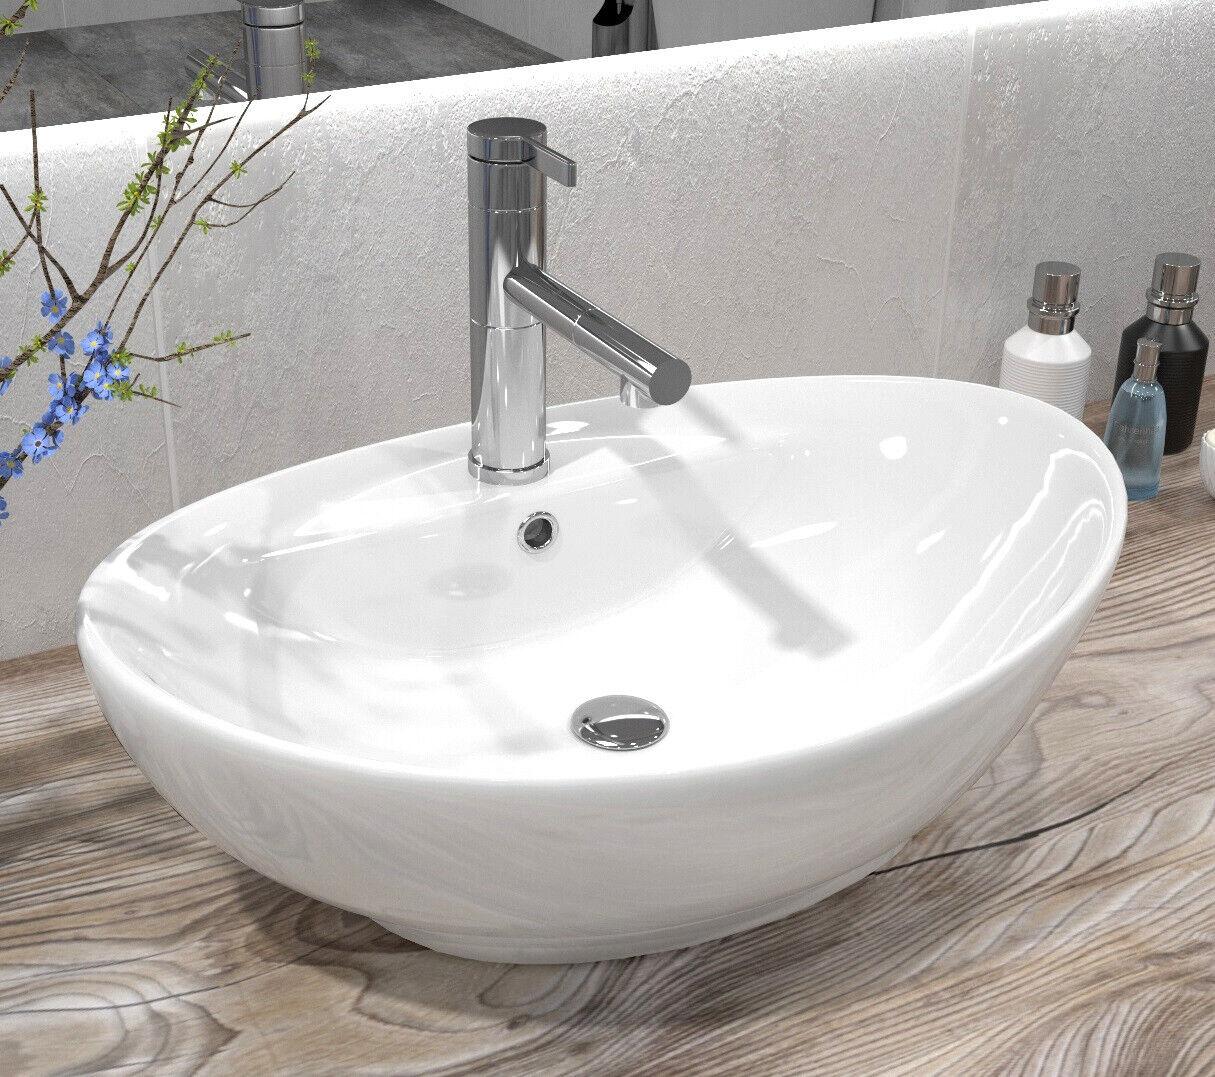 Lavabo REA In Ceramica - CINDY - Lavandino Da Appoggio Bianco